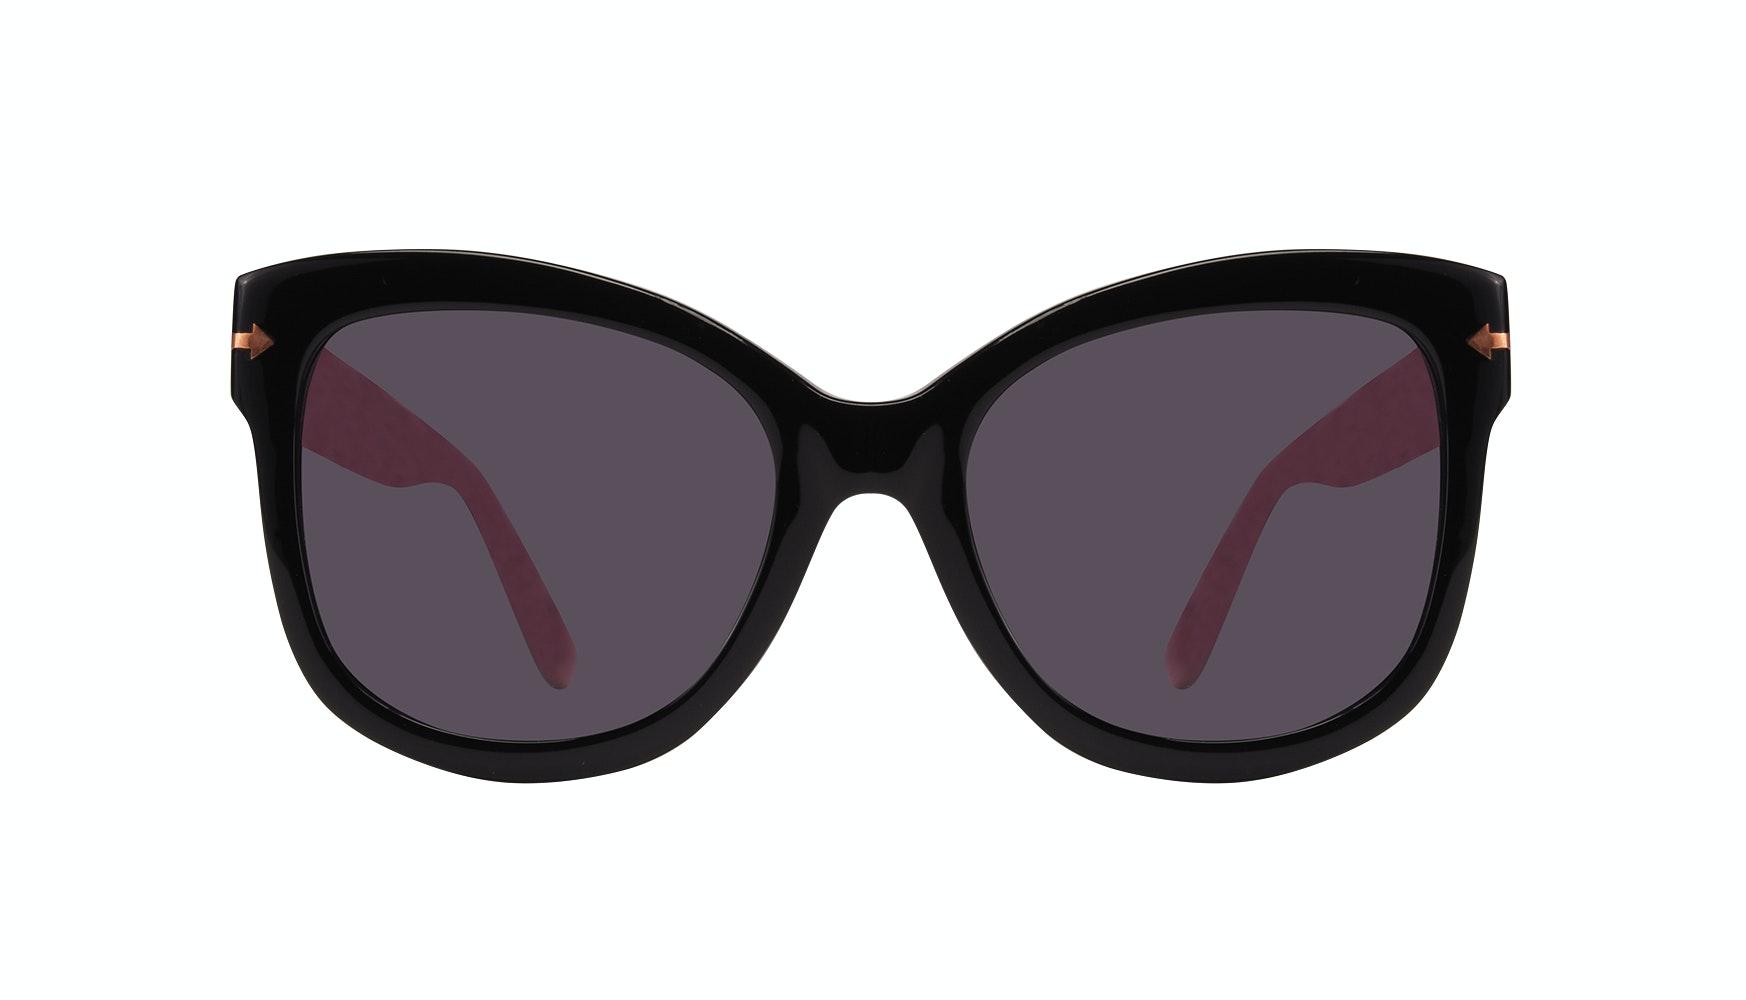 Lunettes tendance Oeil de chat Carrée Lunettes solaires Femmes Marlo Carbon